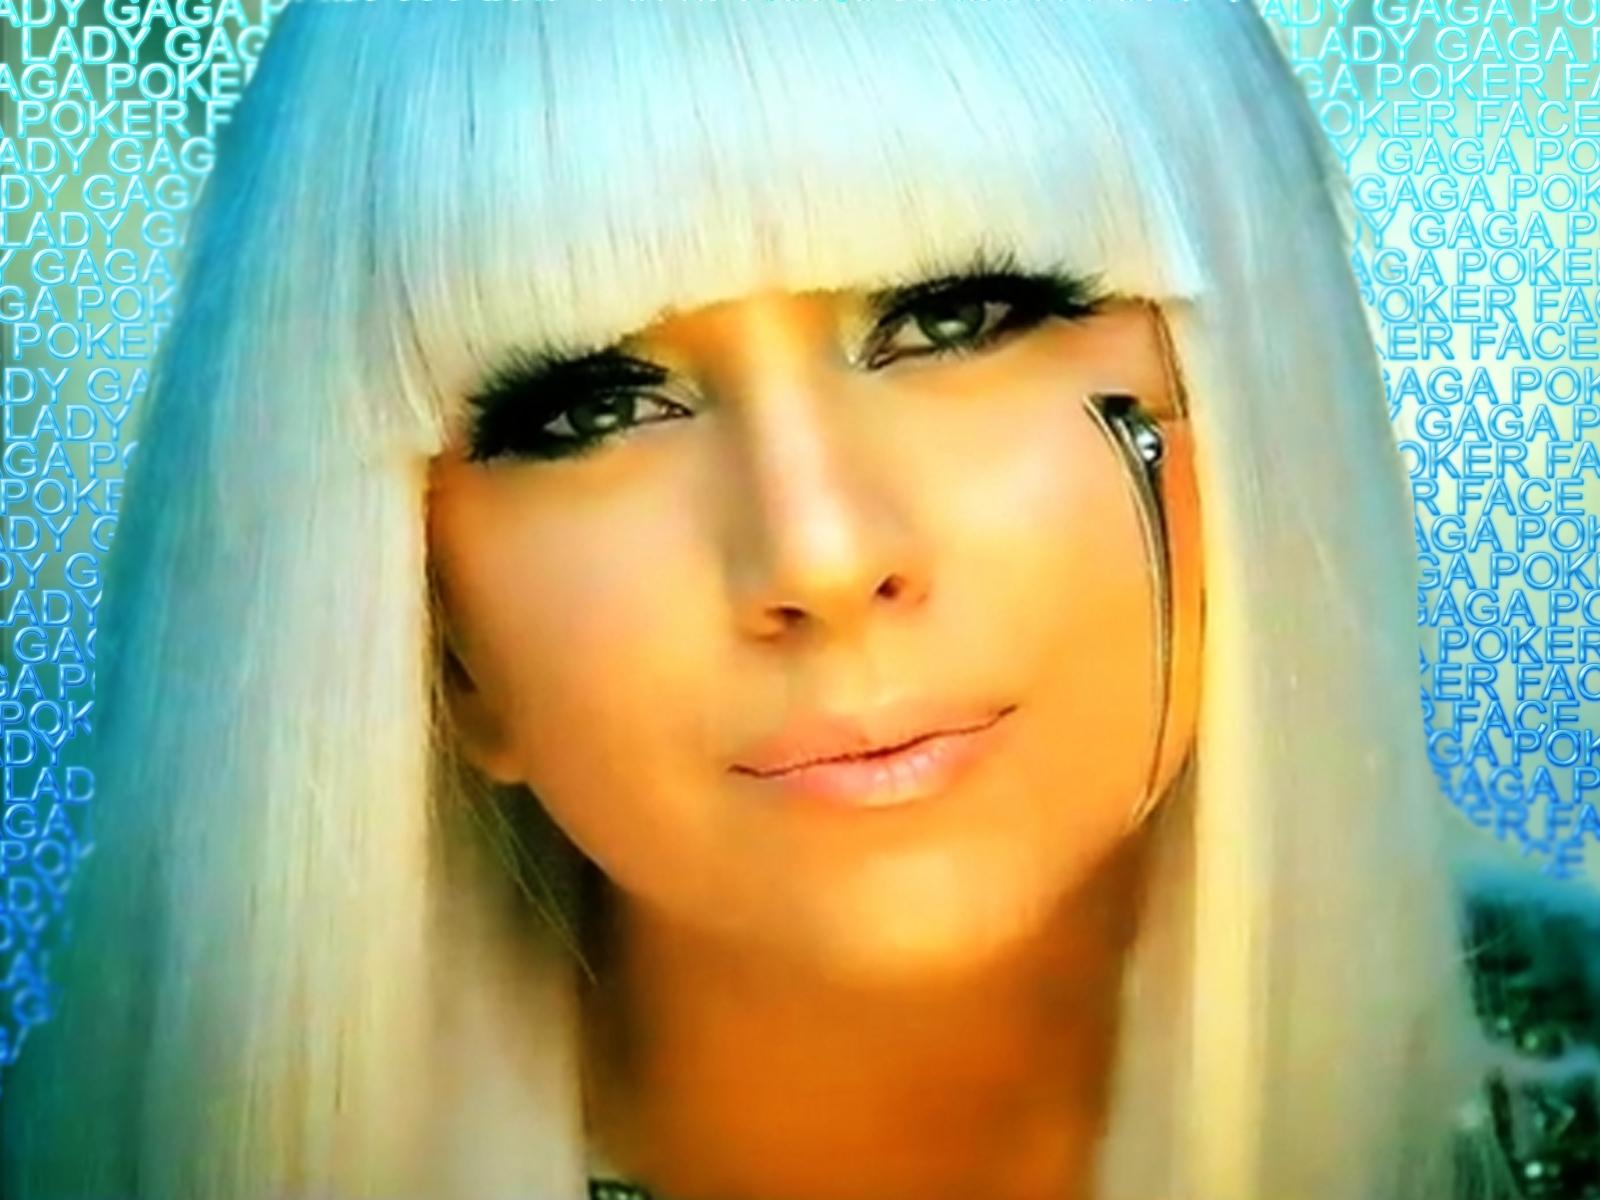 http://3.bp.blogspot.com/-Y9ZveSv3r-0/TbVSw_GSYhI/AAAAAAAAAJ0/o4A3_TYt7Pg/s1600/Lady+Gaga+2007.jpg